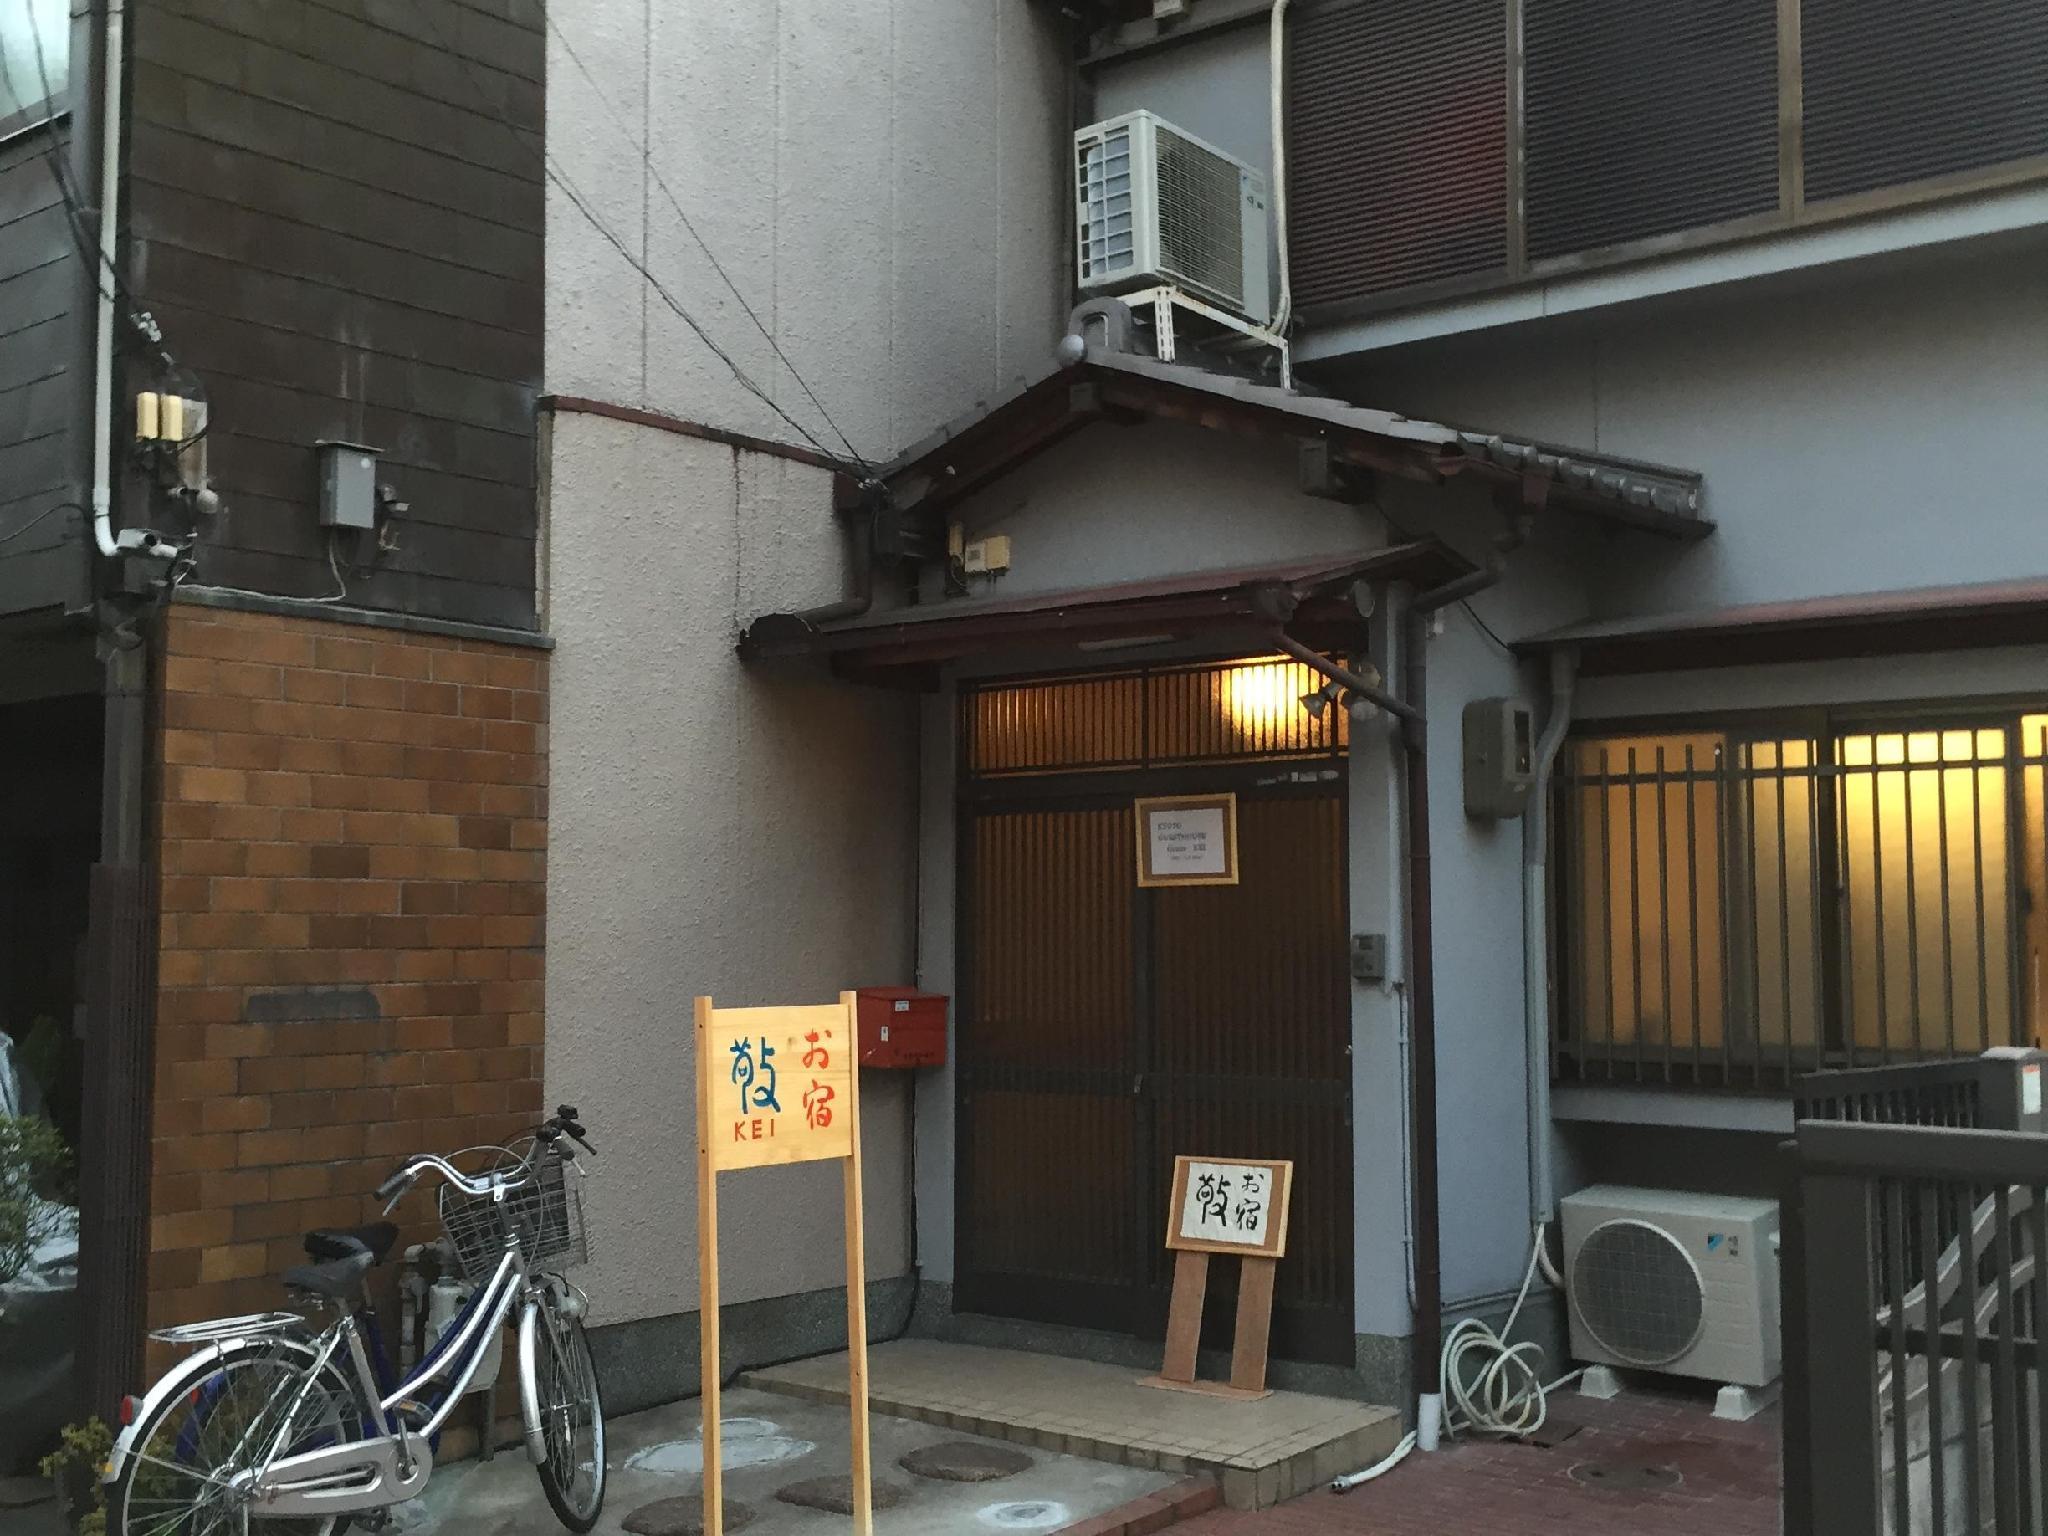 京都旅館御宿敬旅館 Kyoto Guesthouse Oyado Kei